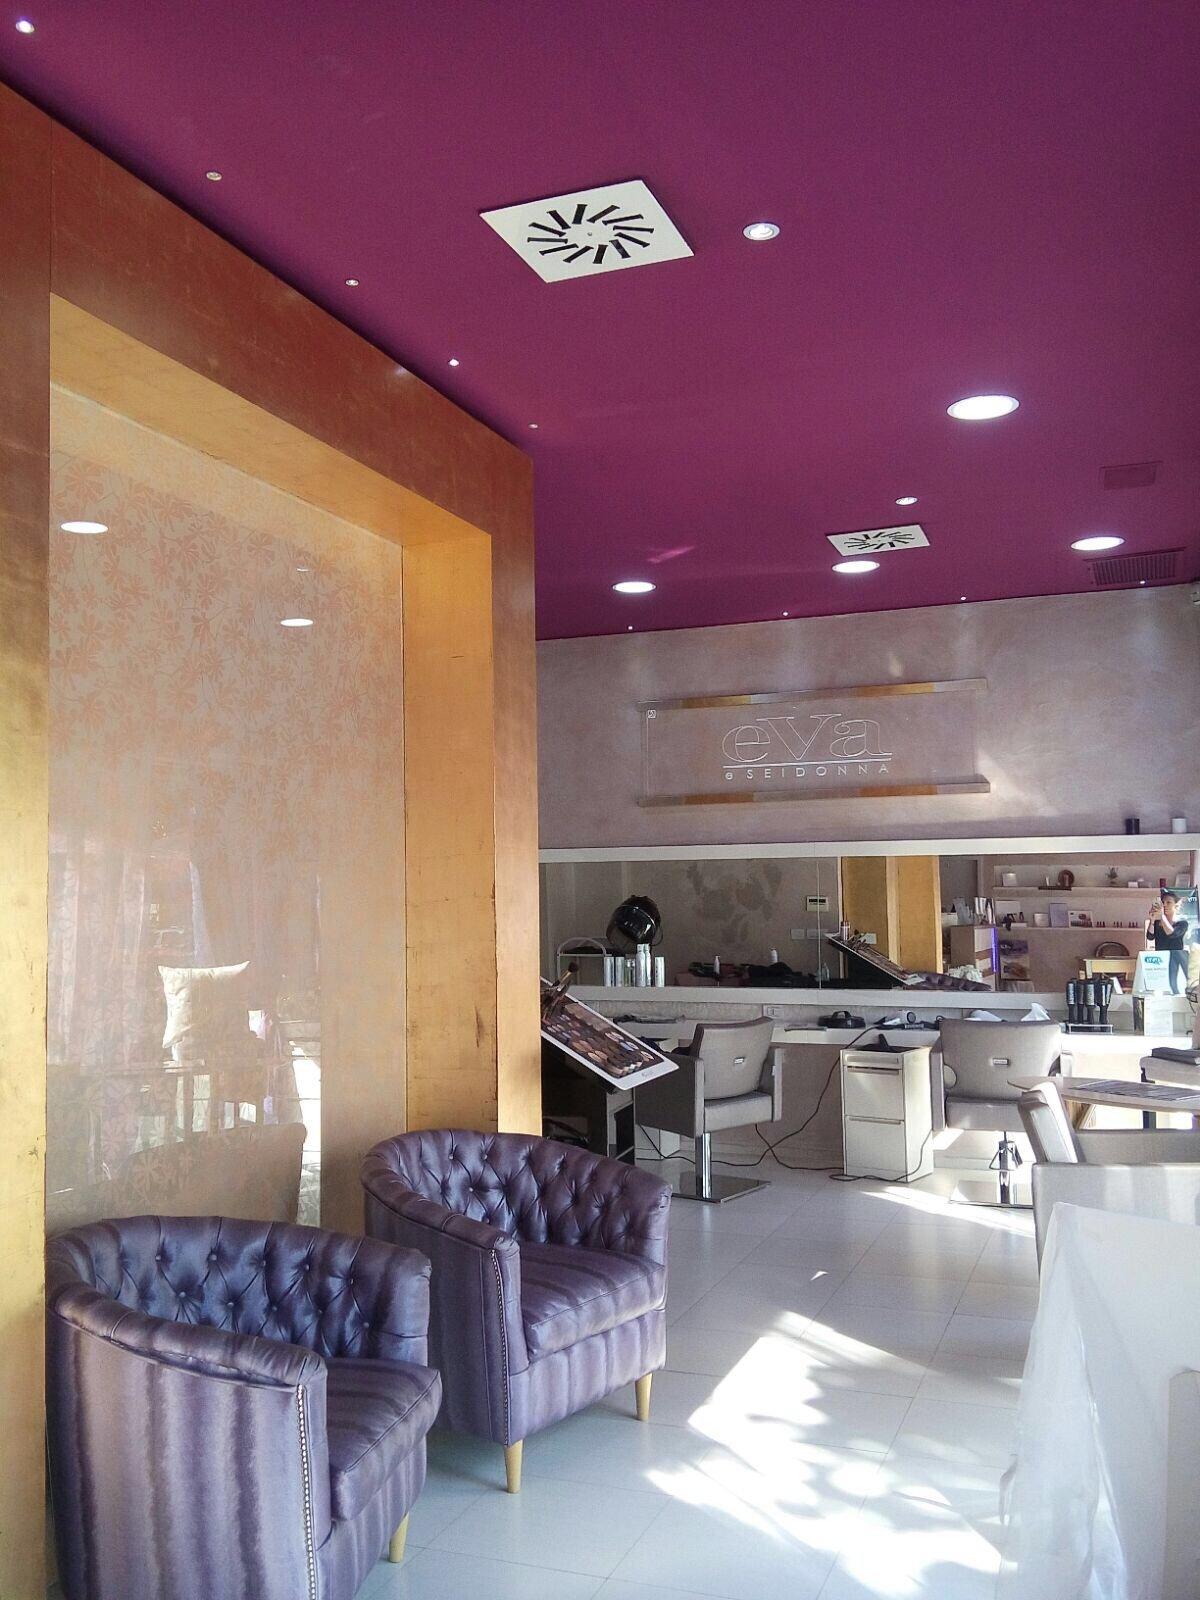 La Maison Beaute Centro Benessere Spa a Milano, prezzi, recensioni ...